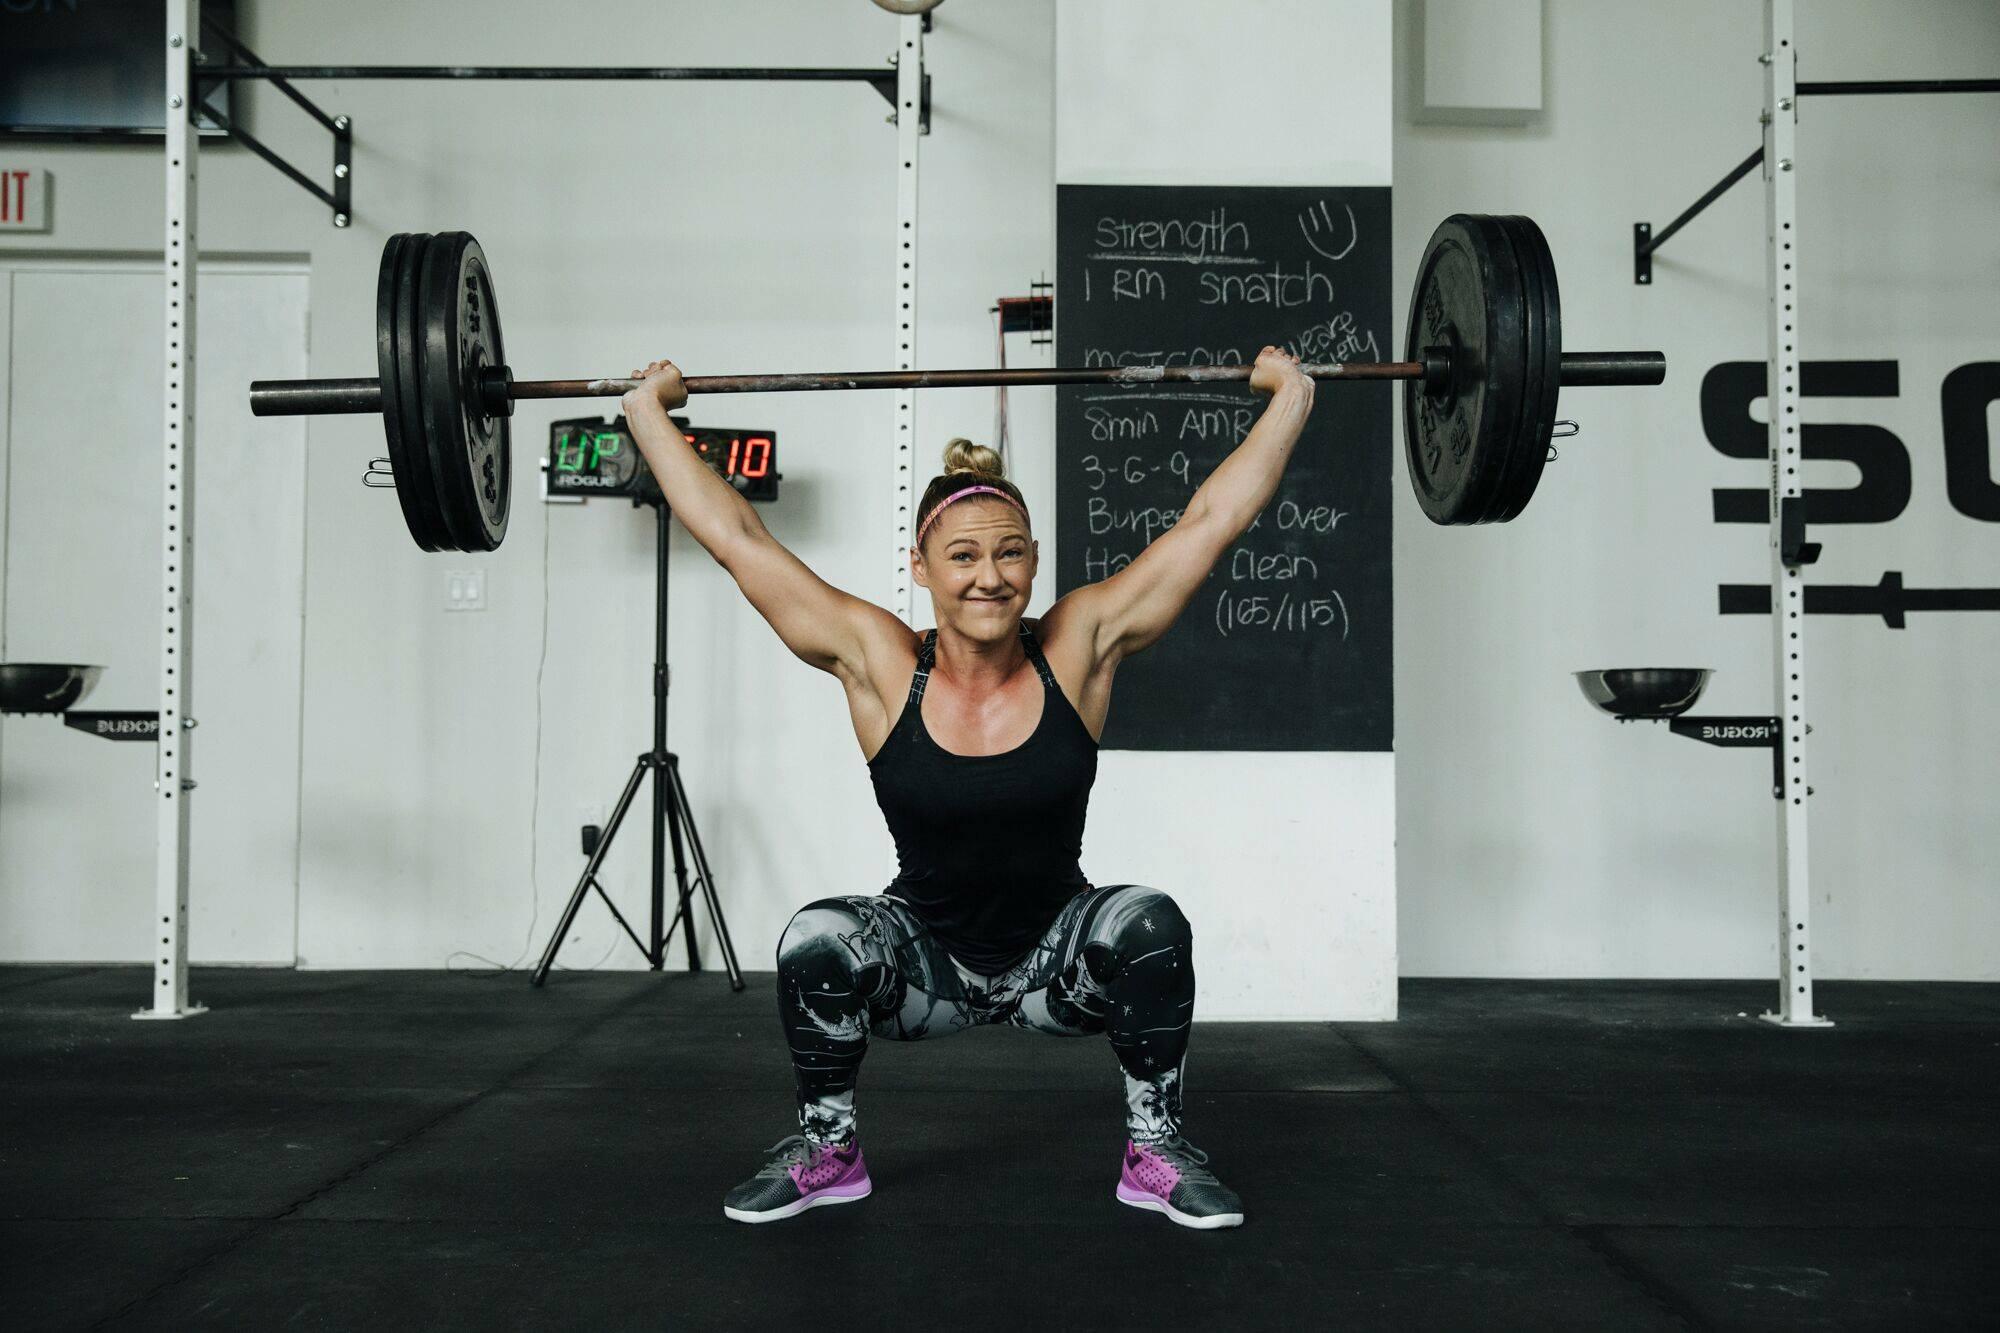 Vam lahko dvigovanje uteži pomaga pri izgubi odvečne teže?